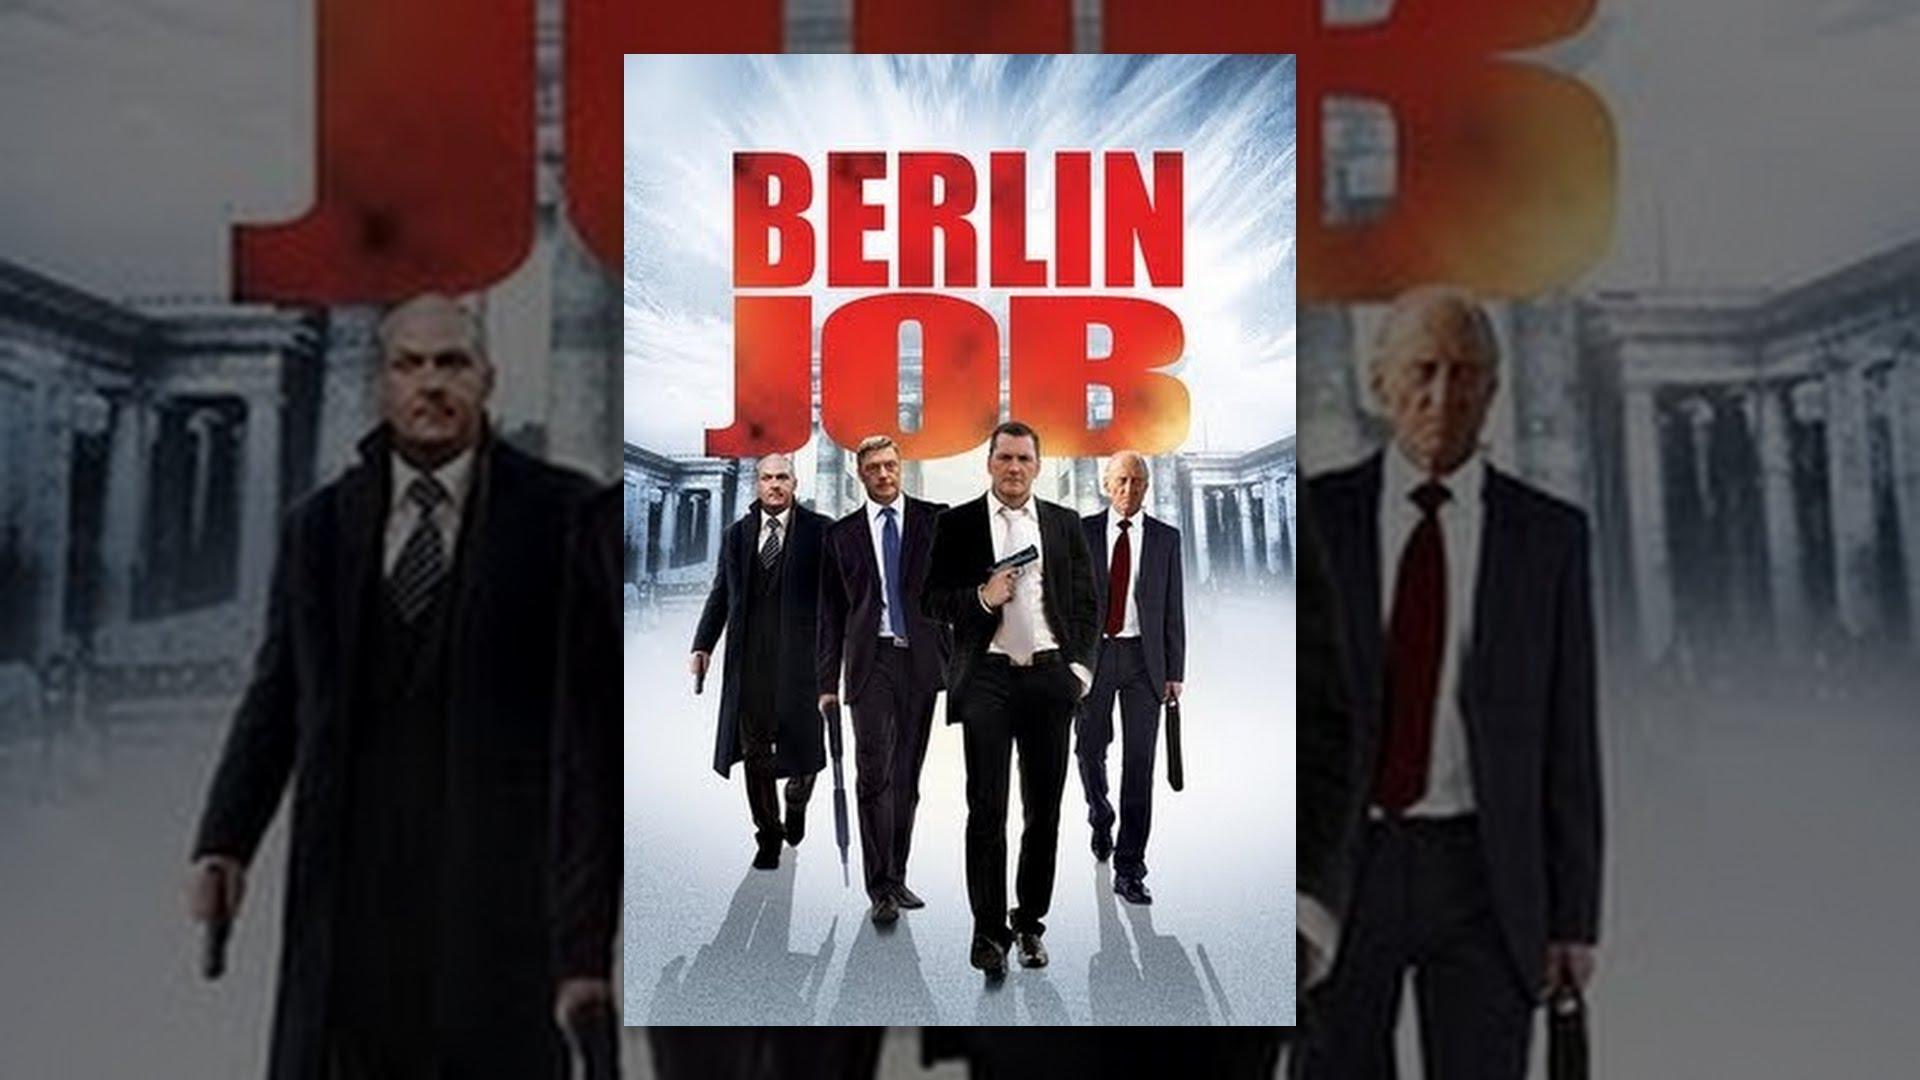 Berlinjob